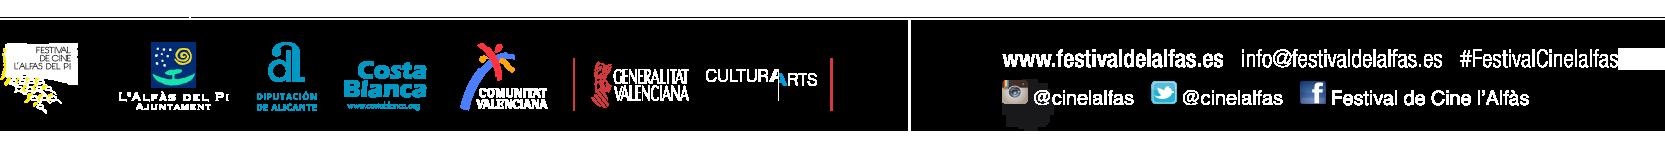 logos-festival-footer